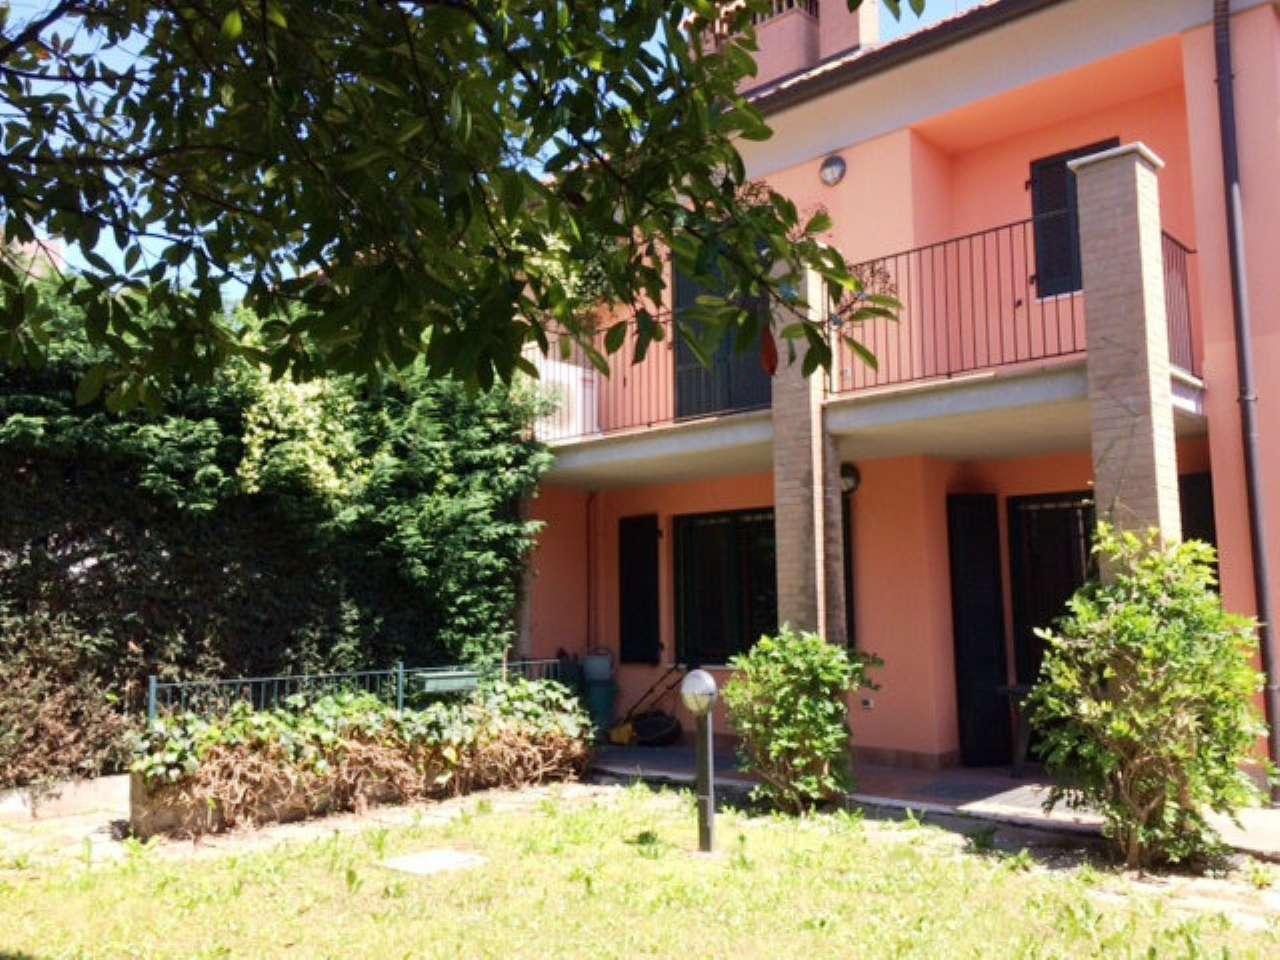 Villa in Affitto a Pioltello: 5 locali, 180 mq